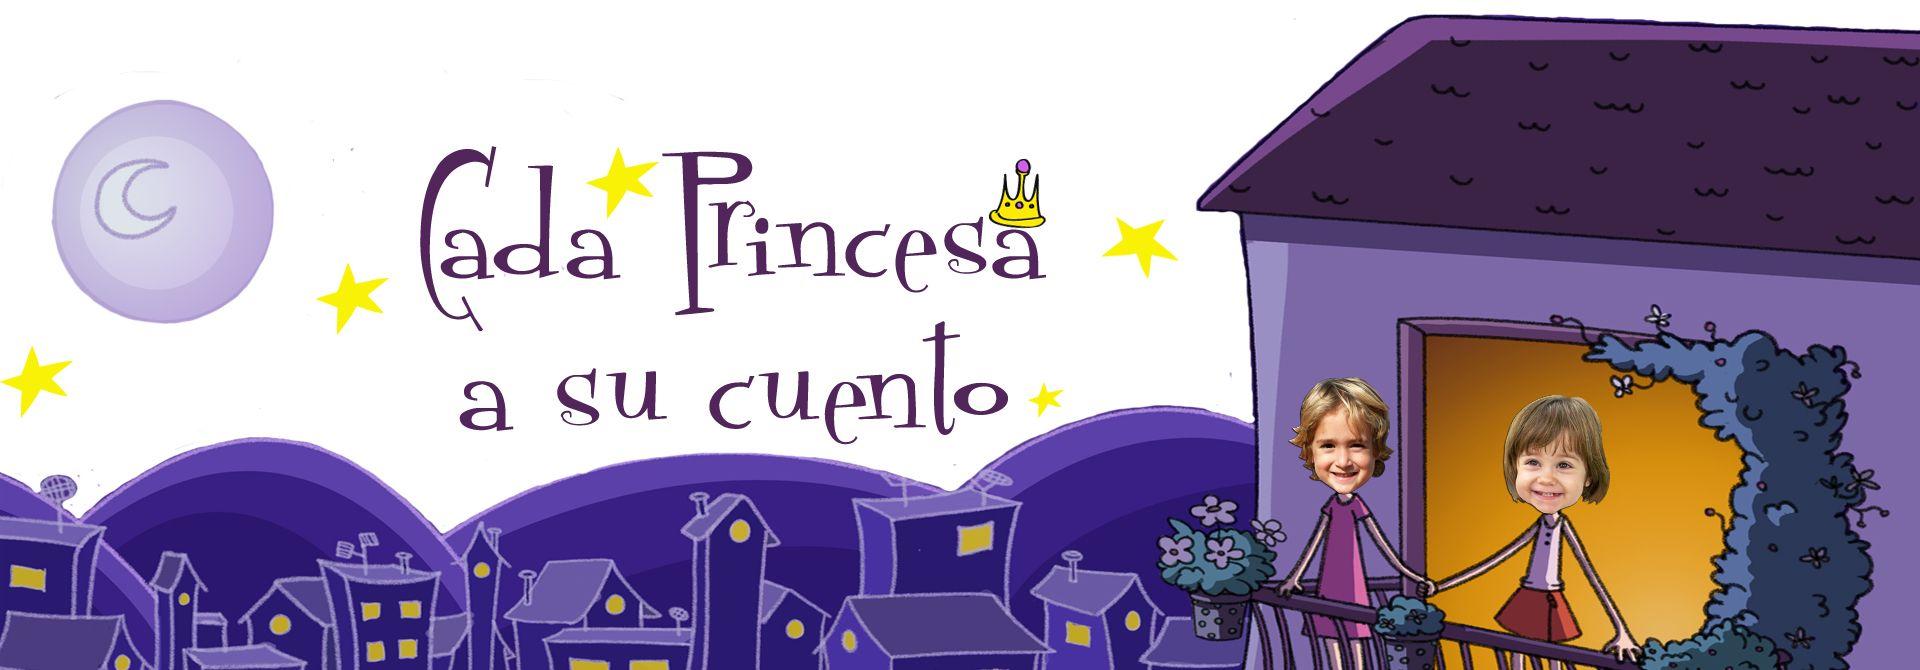 Cuentos personalizados para niños: Una princesa diferente - Encabezado del producto